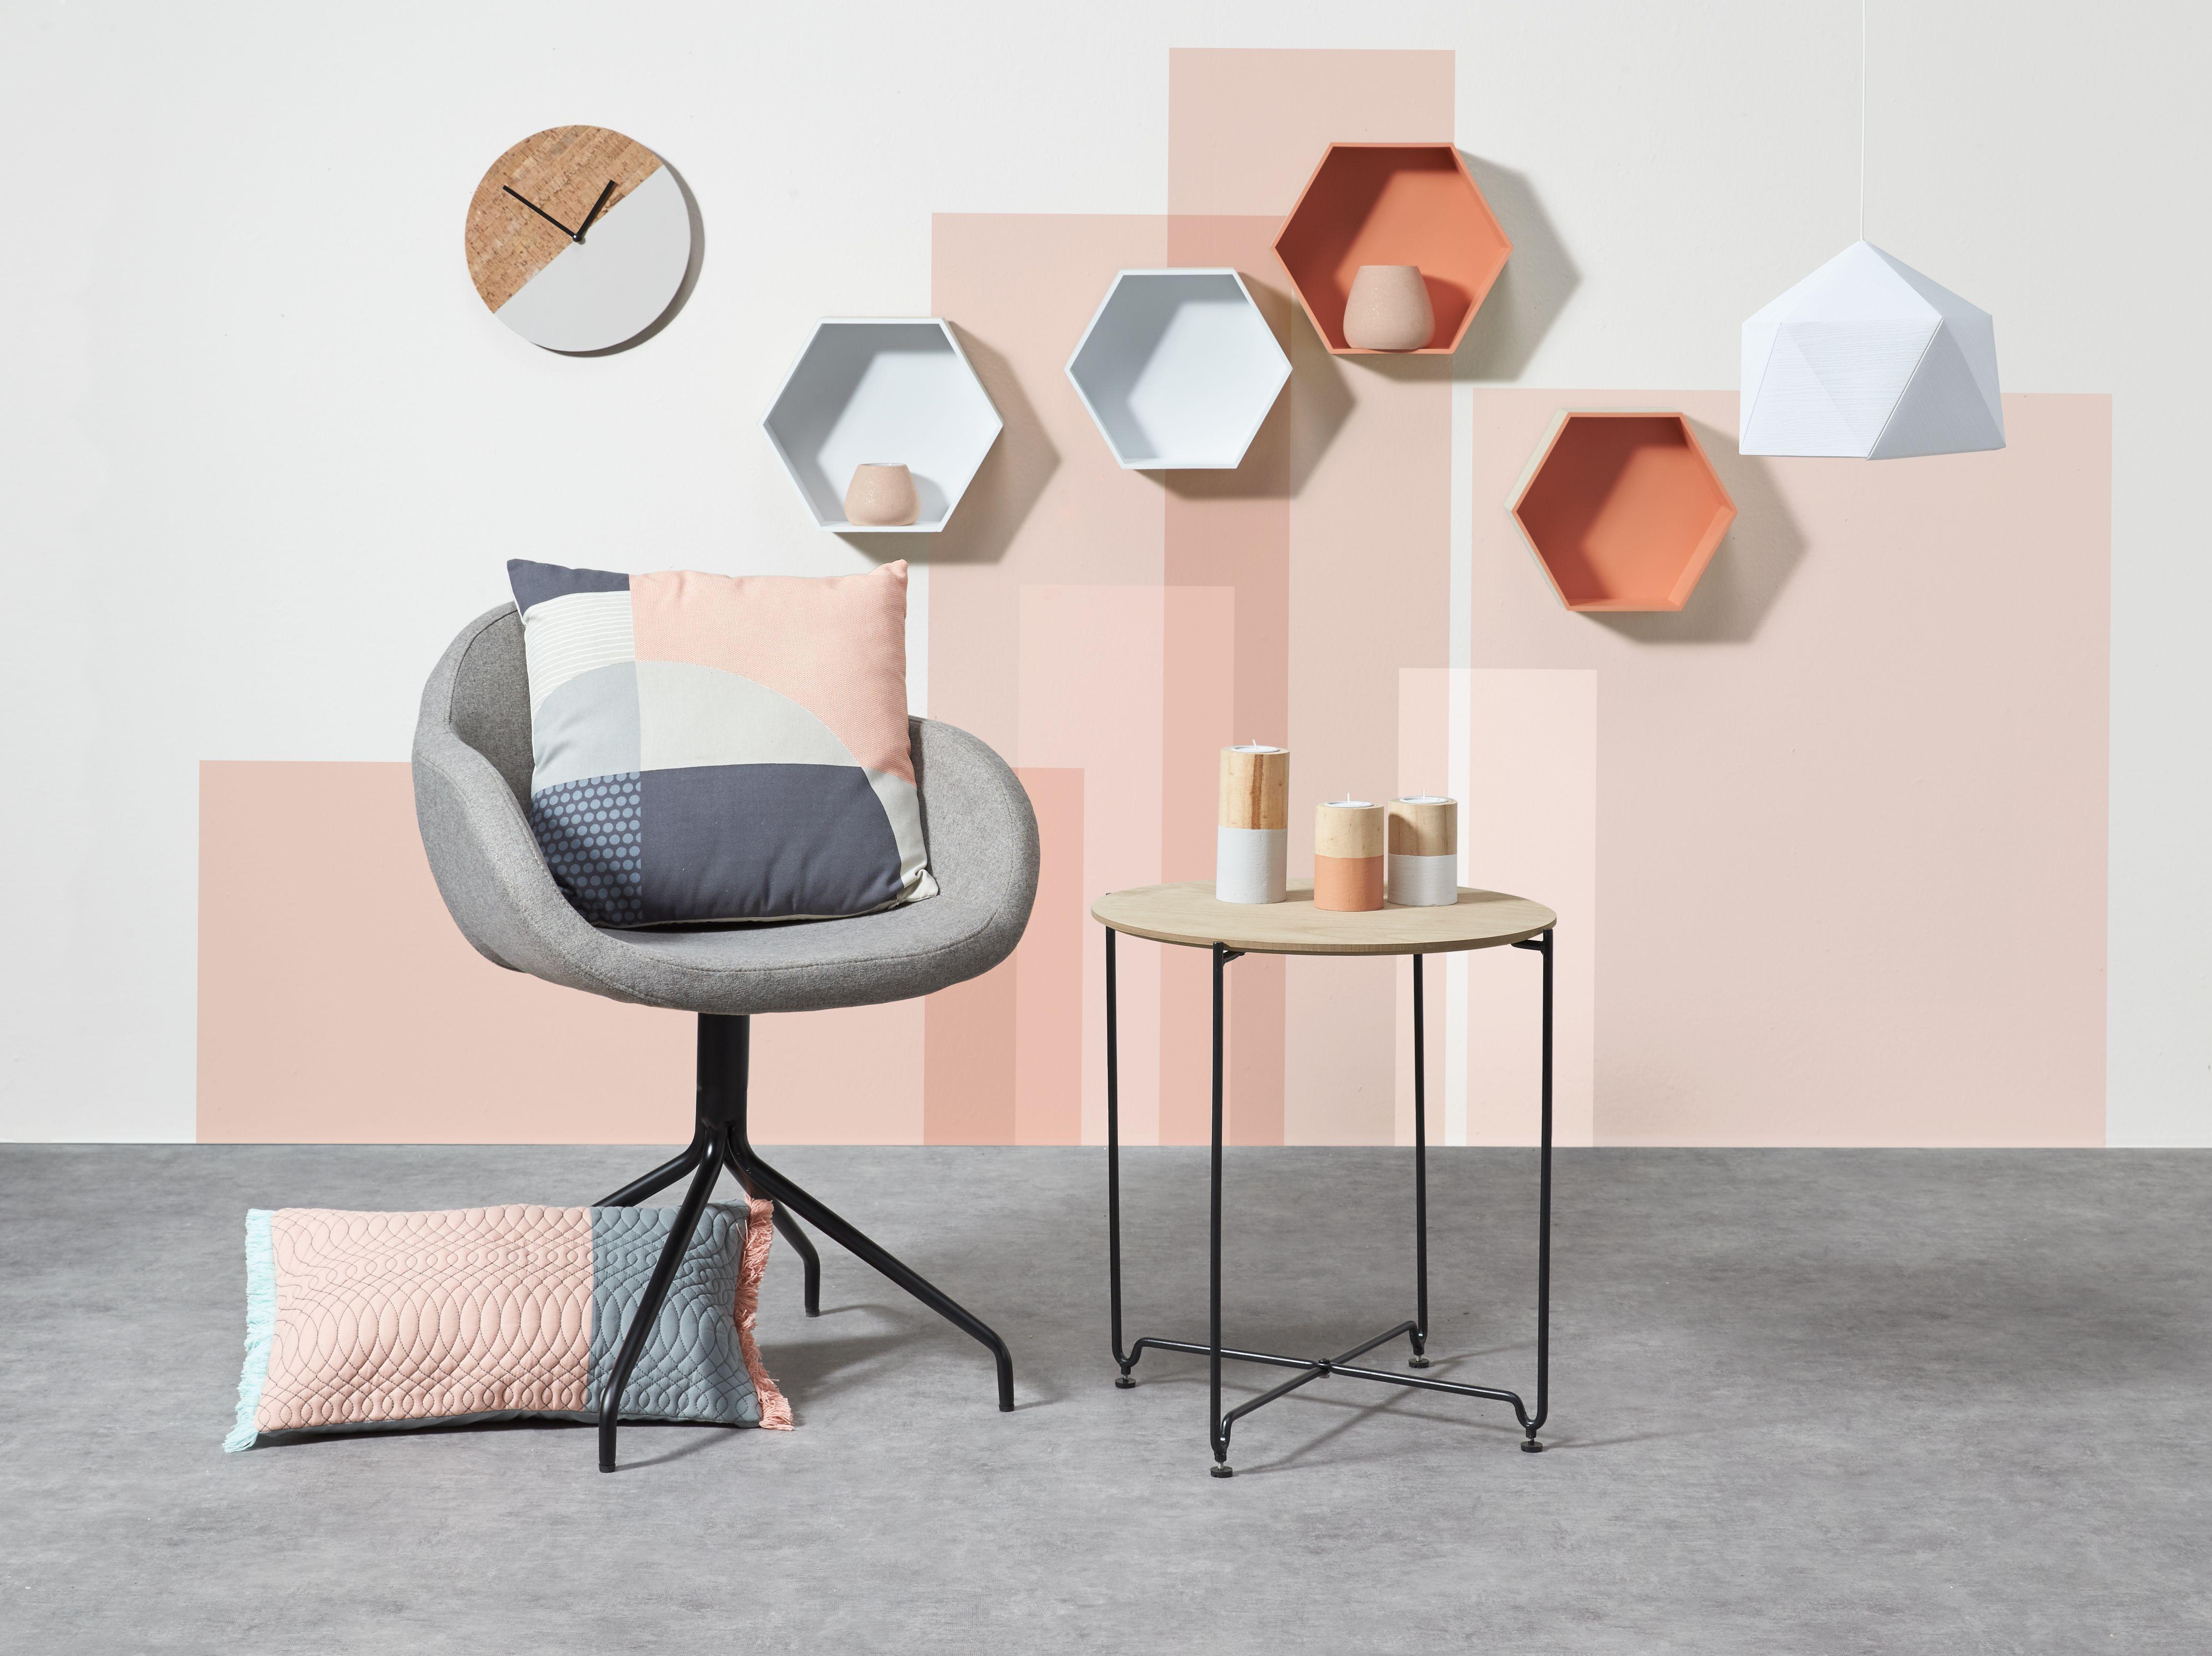 Strakke lijnen een minimalistische uitstraling en kleuraccenten